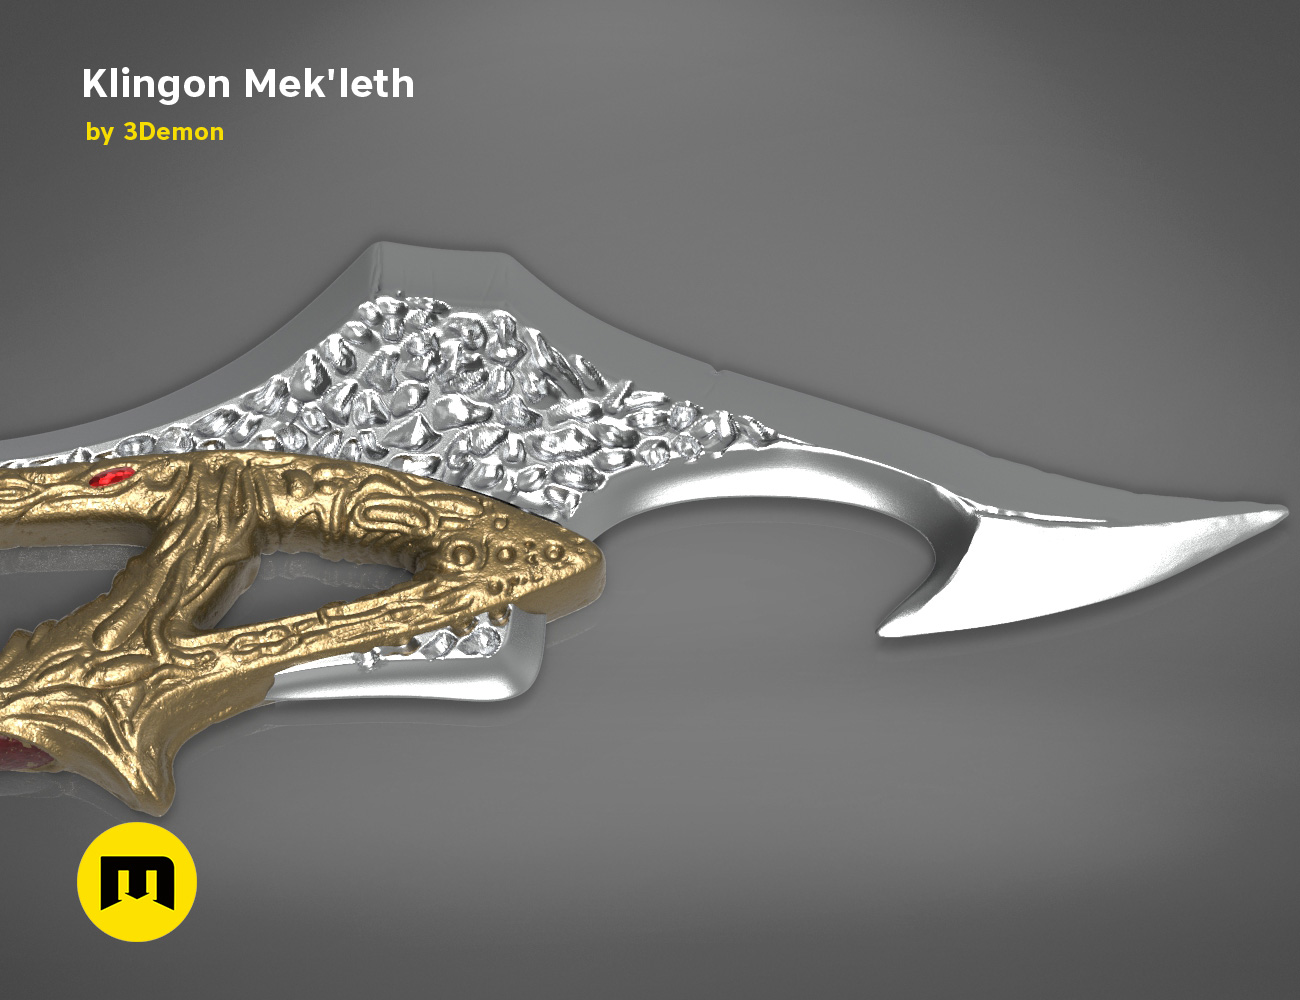 mekleth1_color_render.473.jpg Download OBJ file Klingon Mek'leth - Star Trek • Model to 3D print, 3D-mon